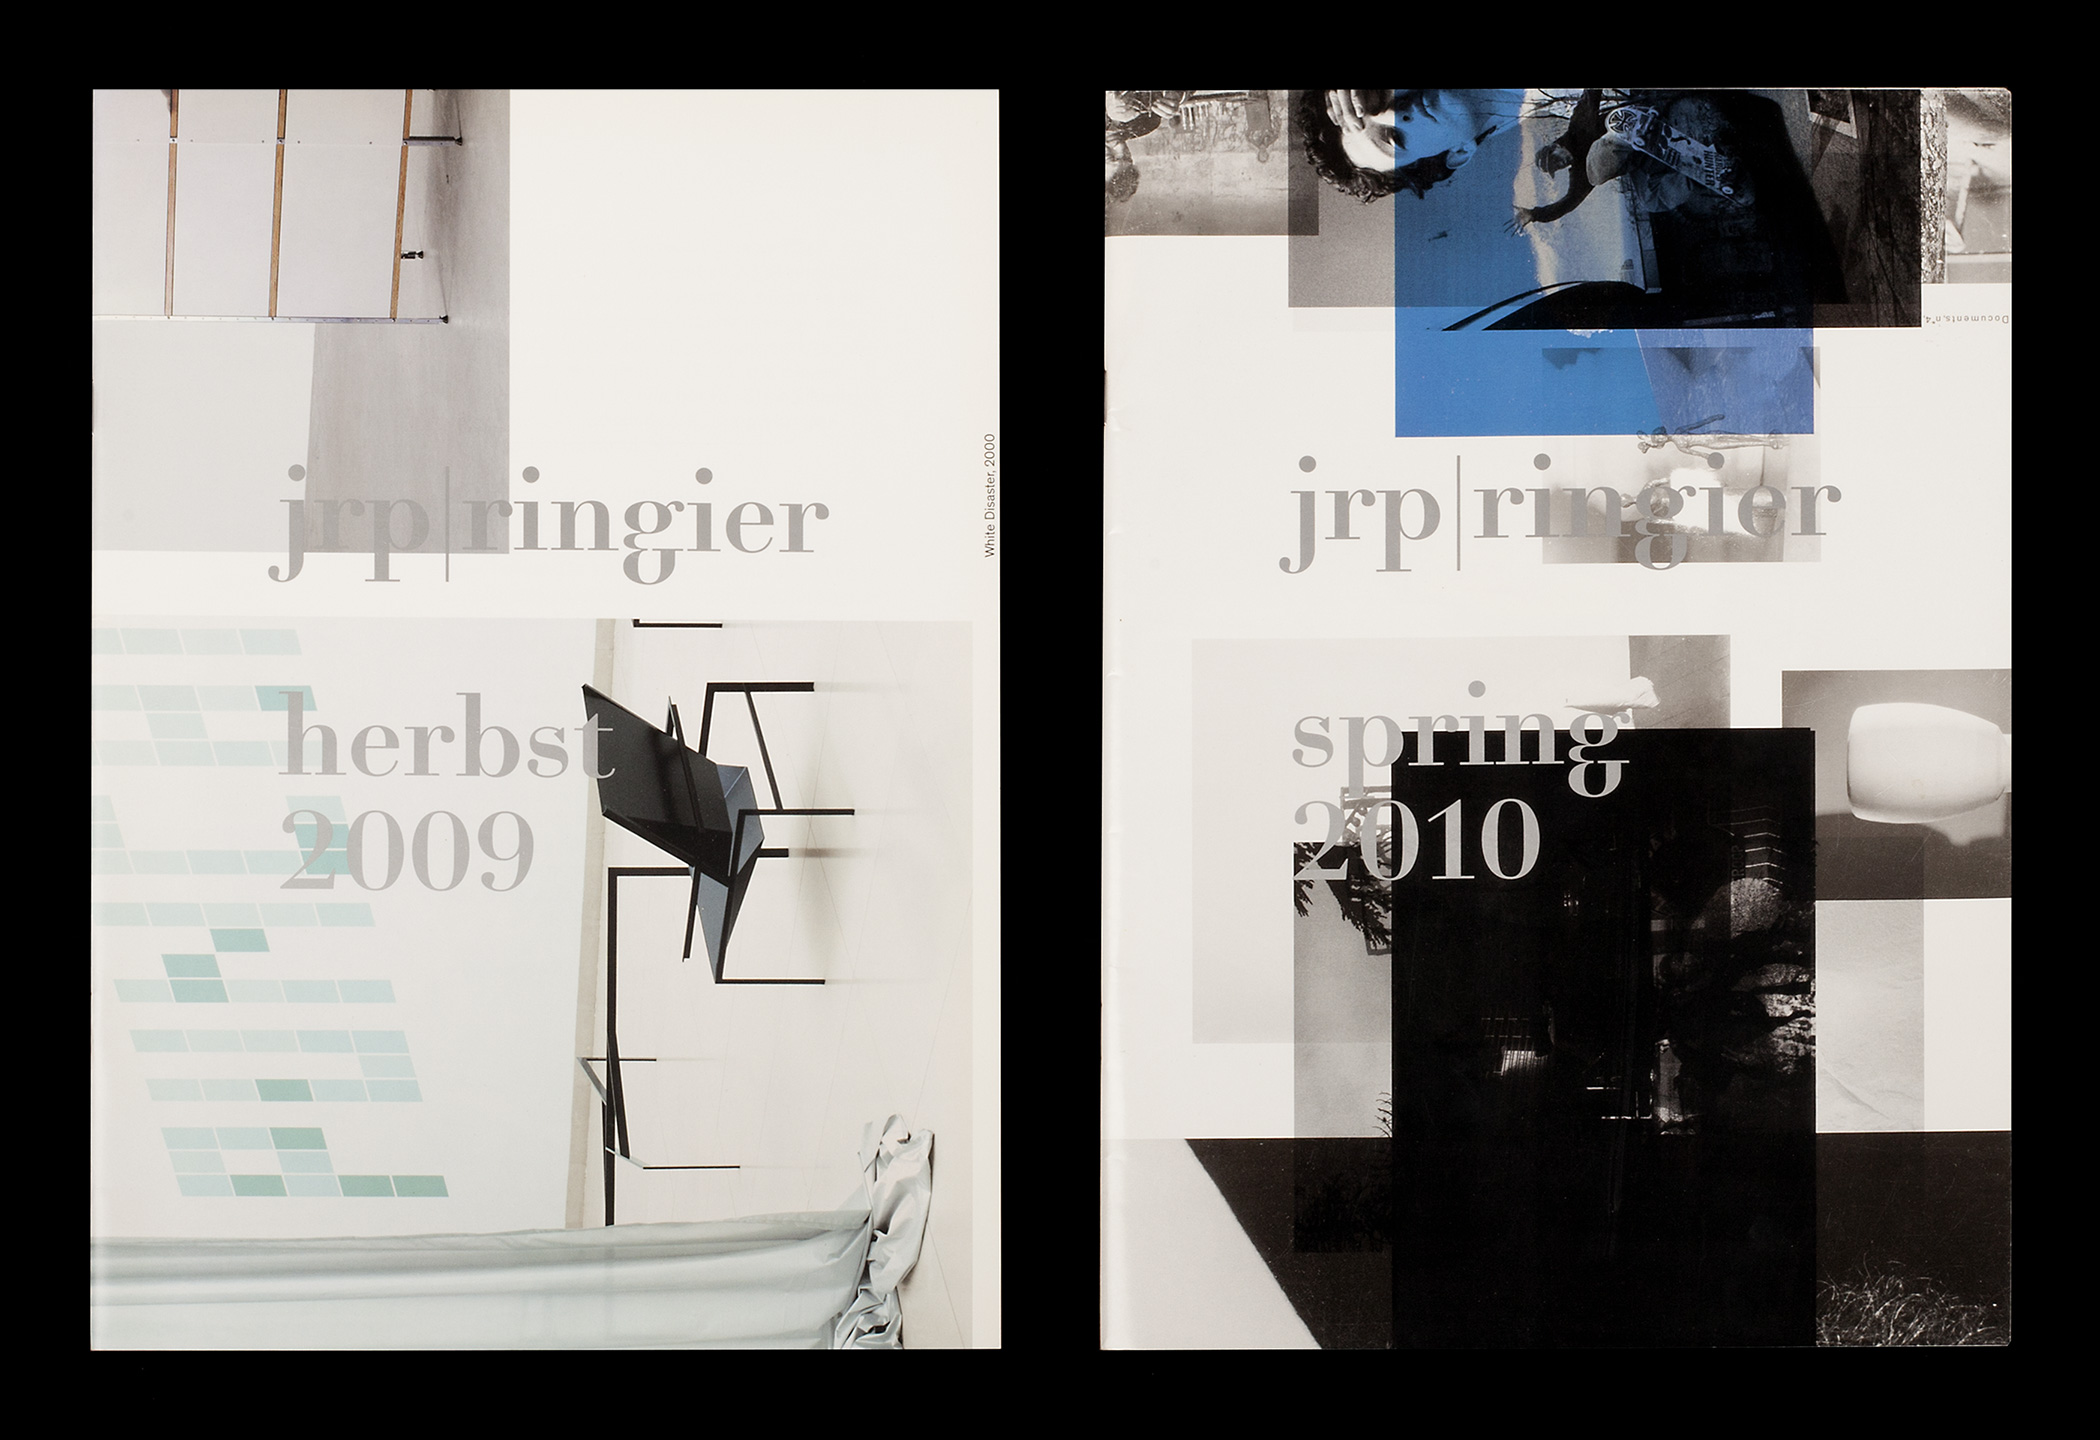 JRP Ringier